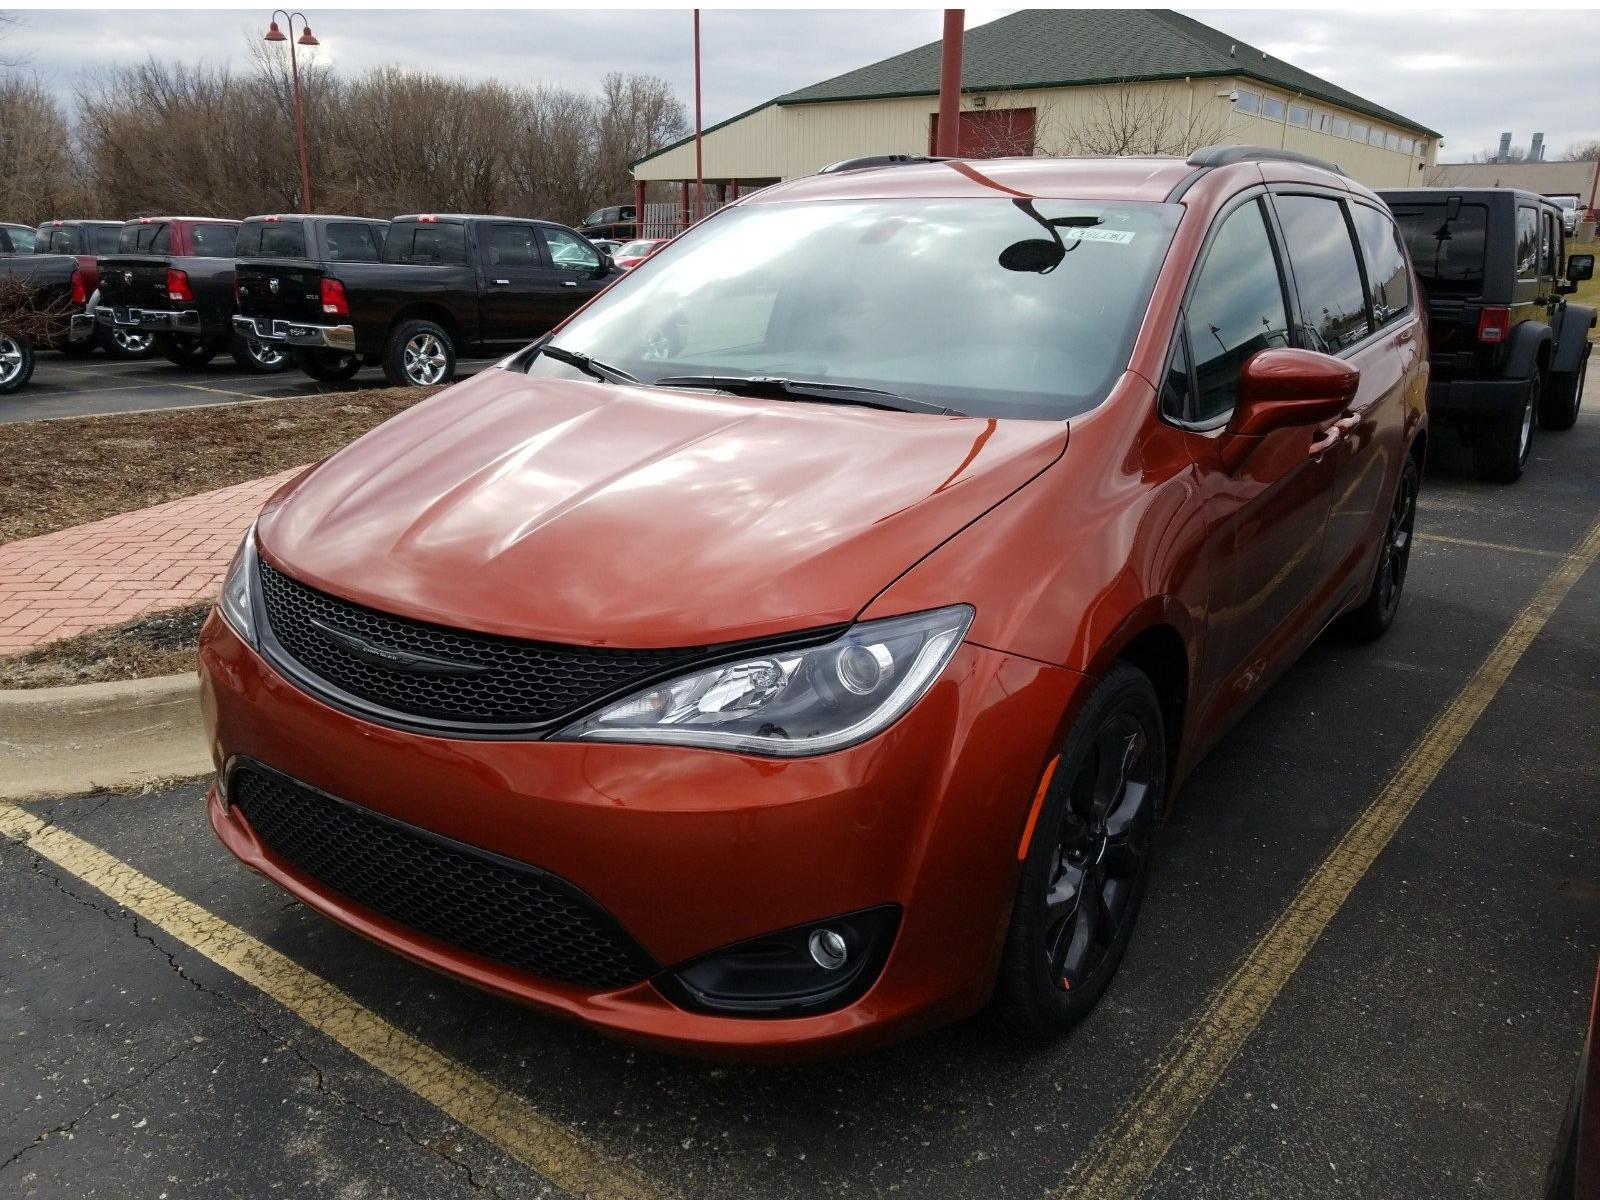 دليلك الشامل لشراء سيارة مستعملة في كندا